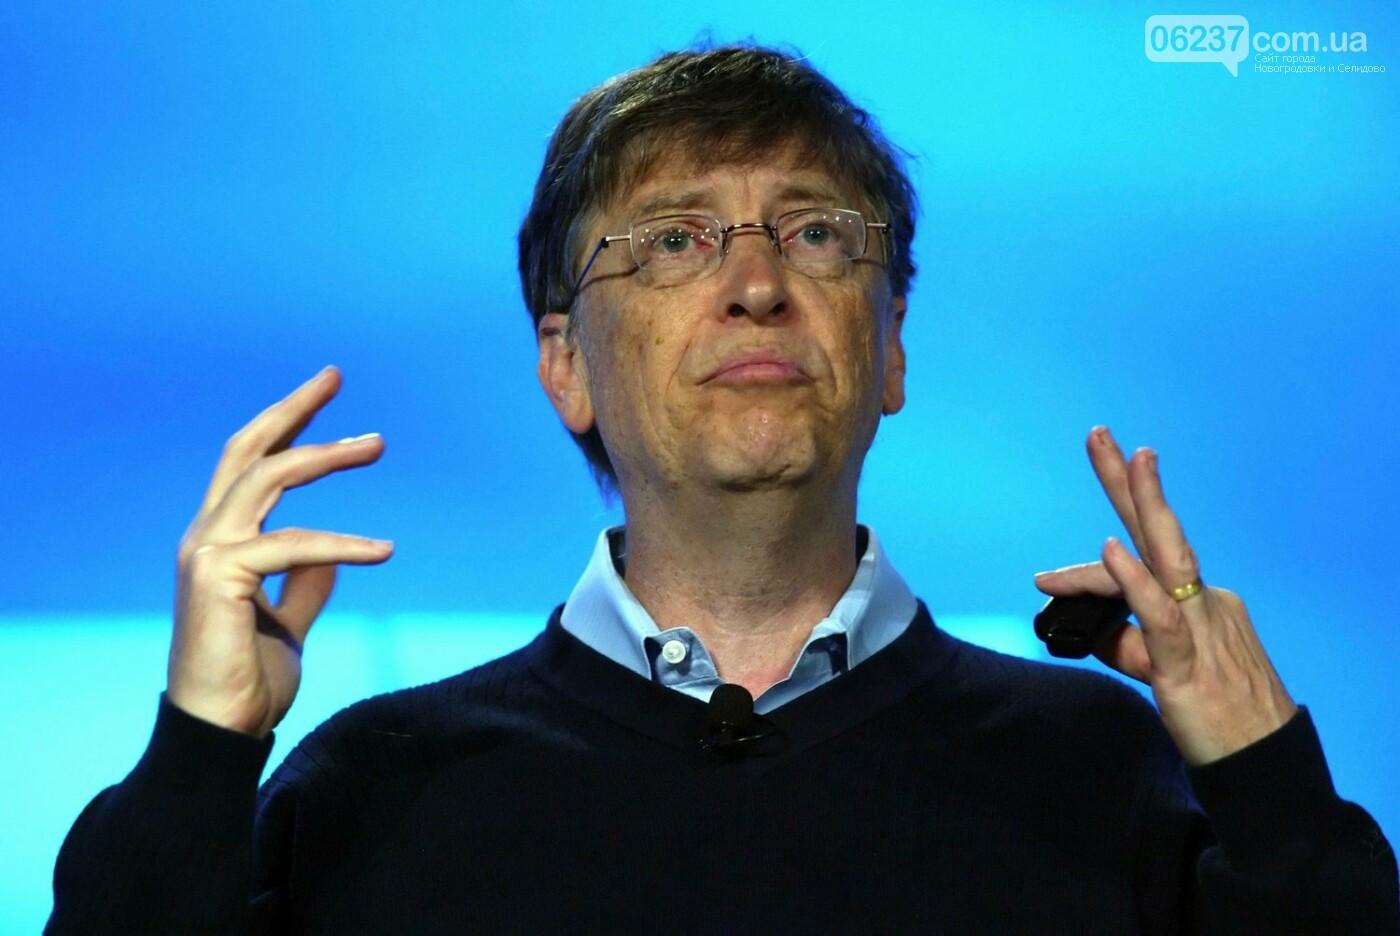 Билл Гейтс дал прогноз, когда мир вернется к нормальной жизни, фото-1